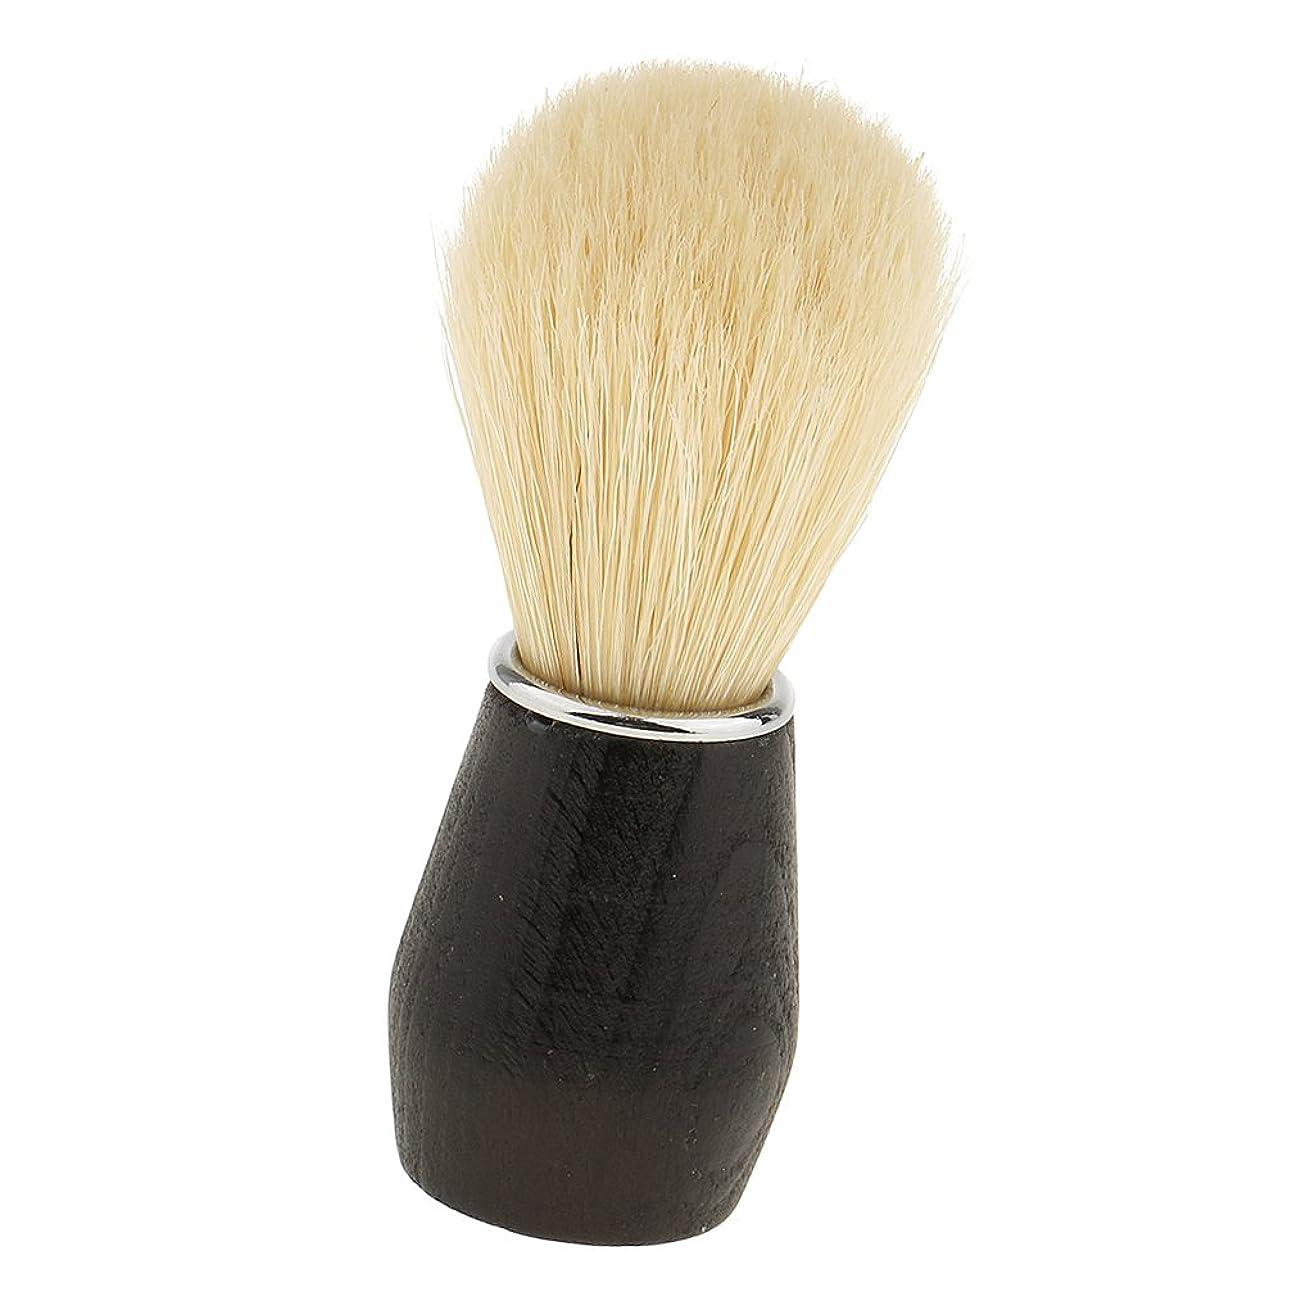 死すべき表現ターミナルsharprepublic シェービングブラシ ヘアシェービングブラシ 毛髭ブラシ 髭剃り 泡立ち メンズ ソフト 父のギフト